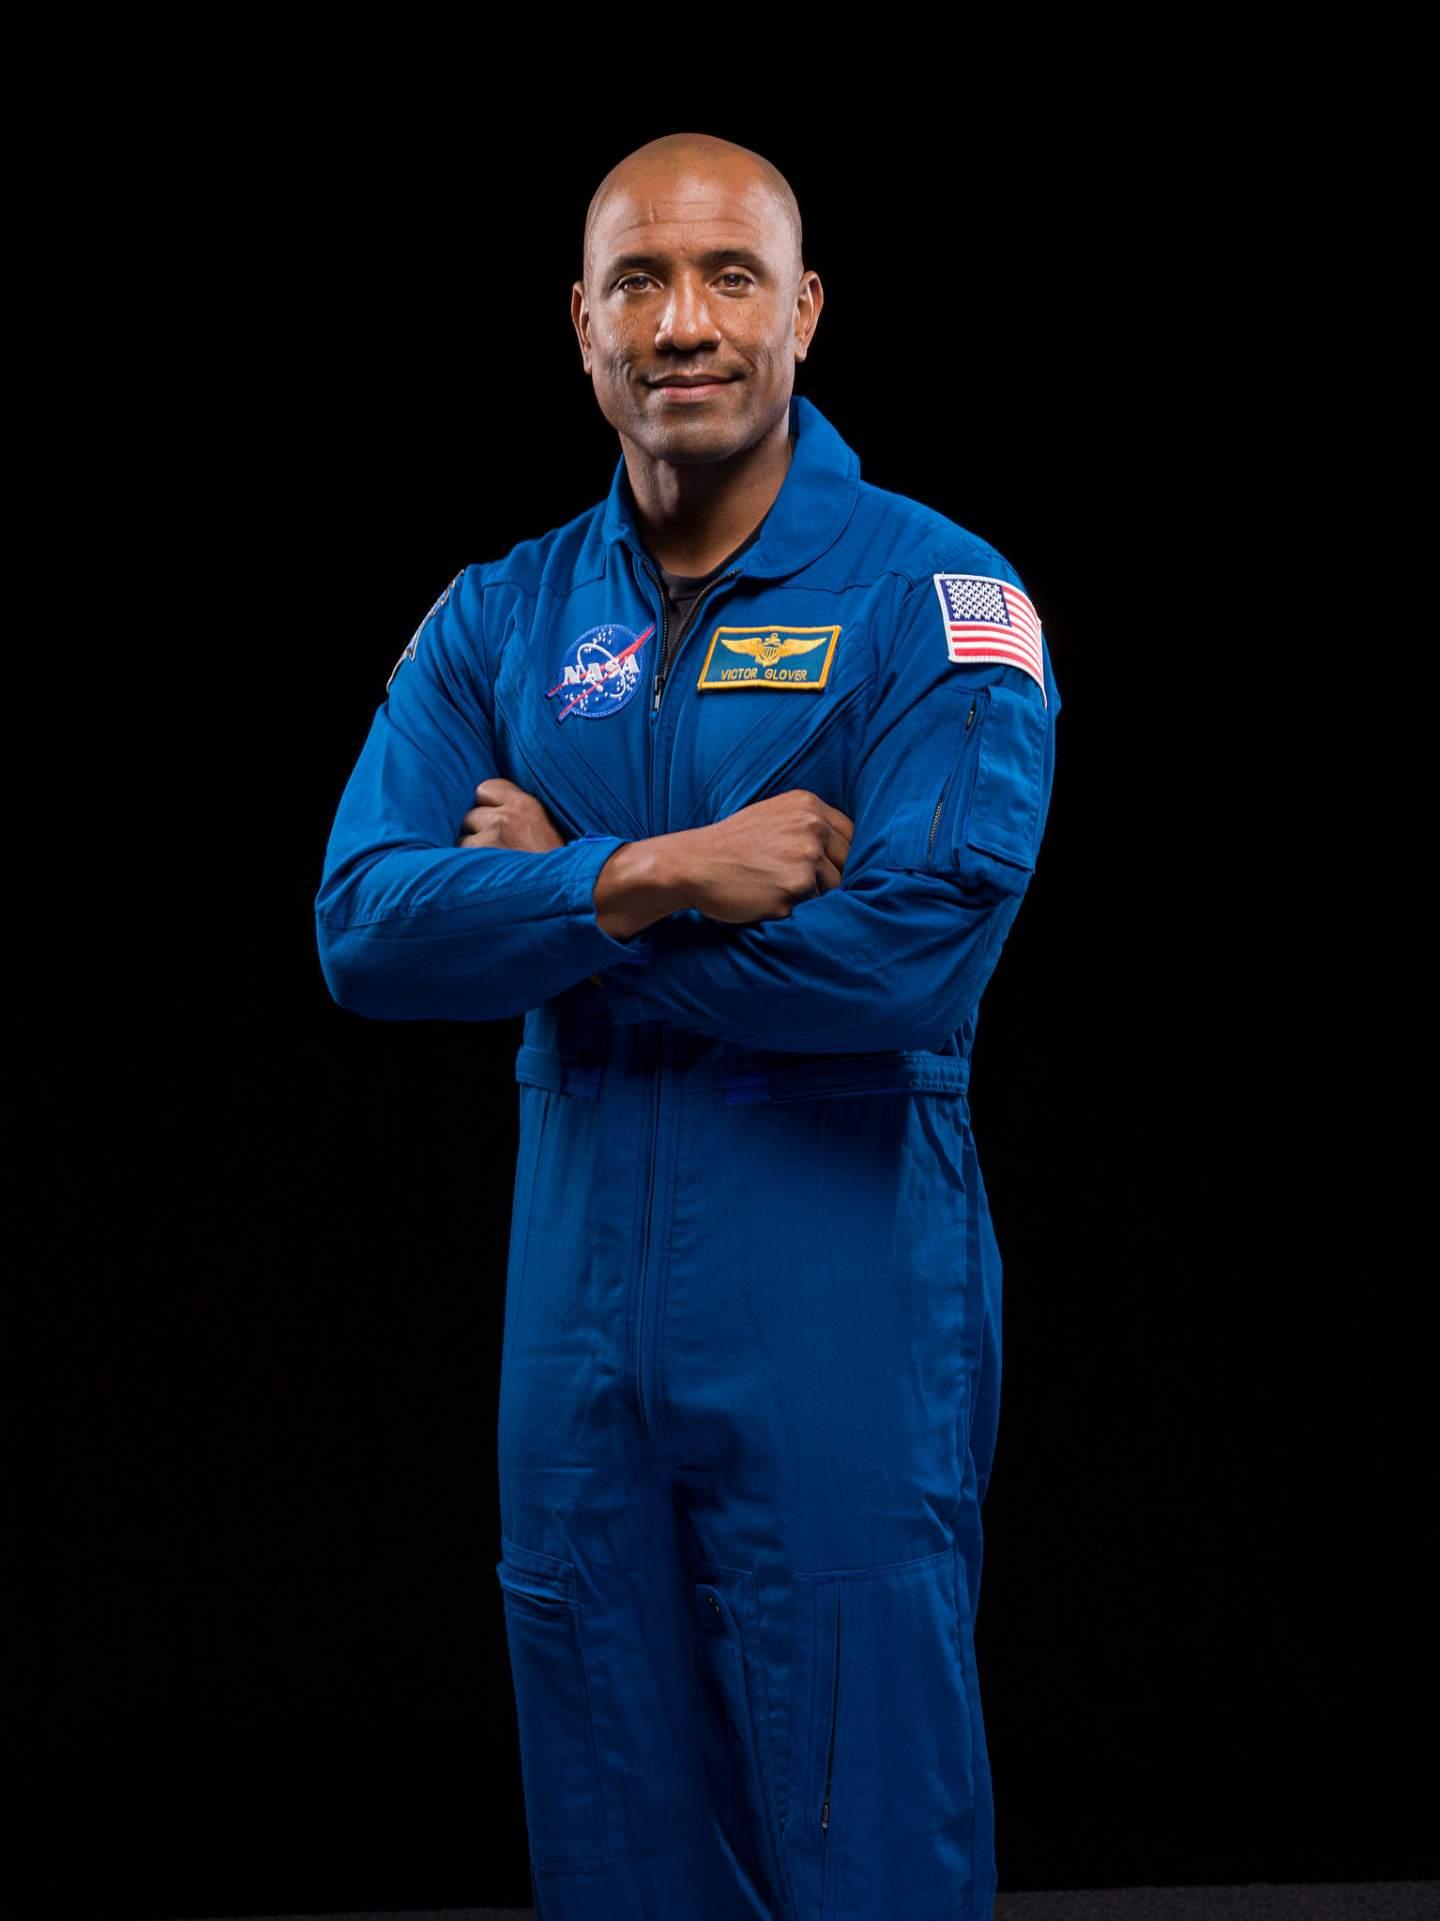 Astronaut Victor Glover